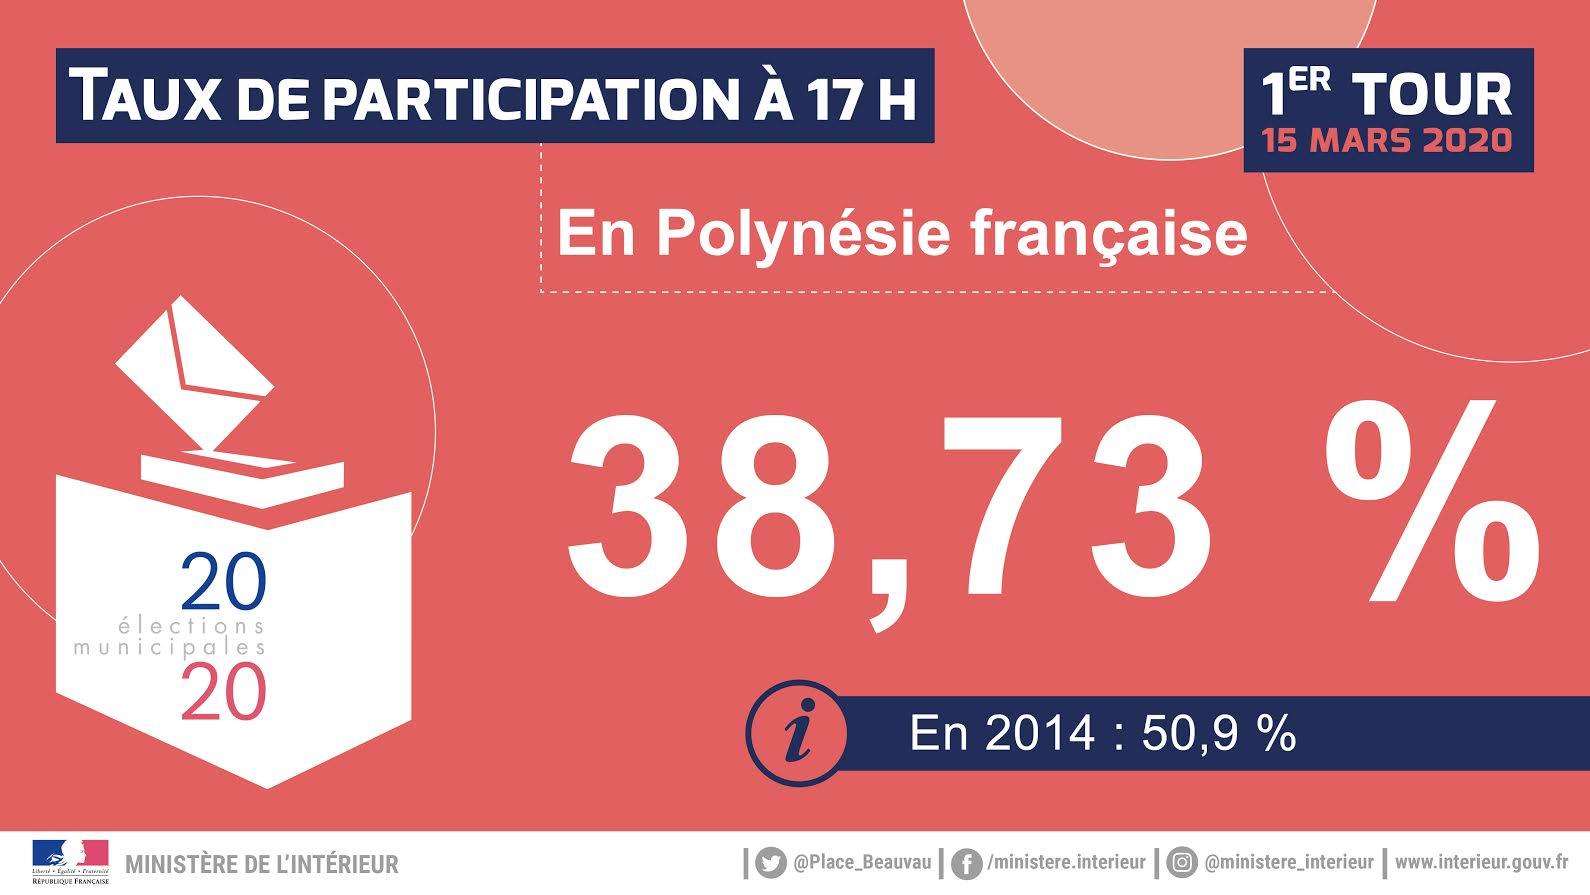 La participation en baisse aussi en Polynésie